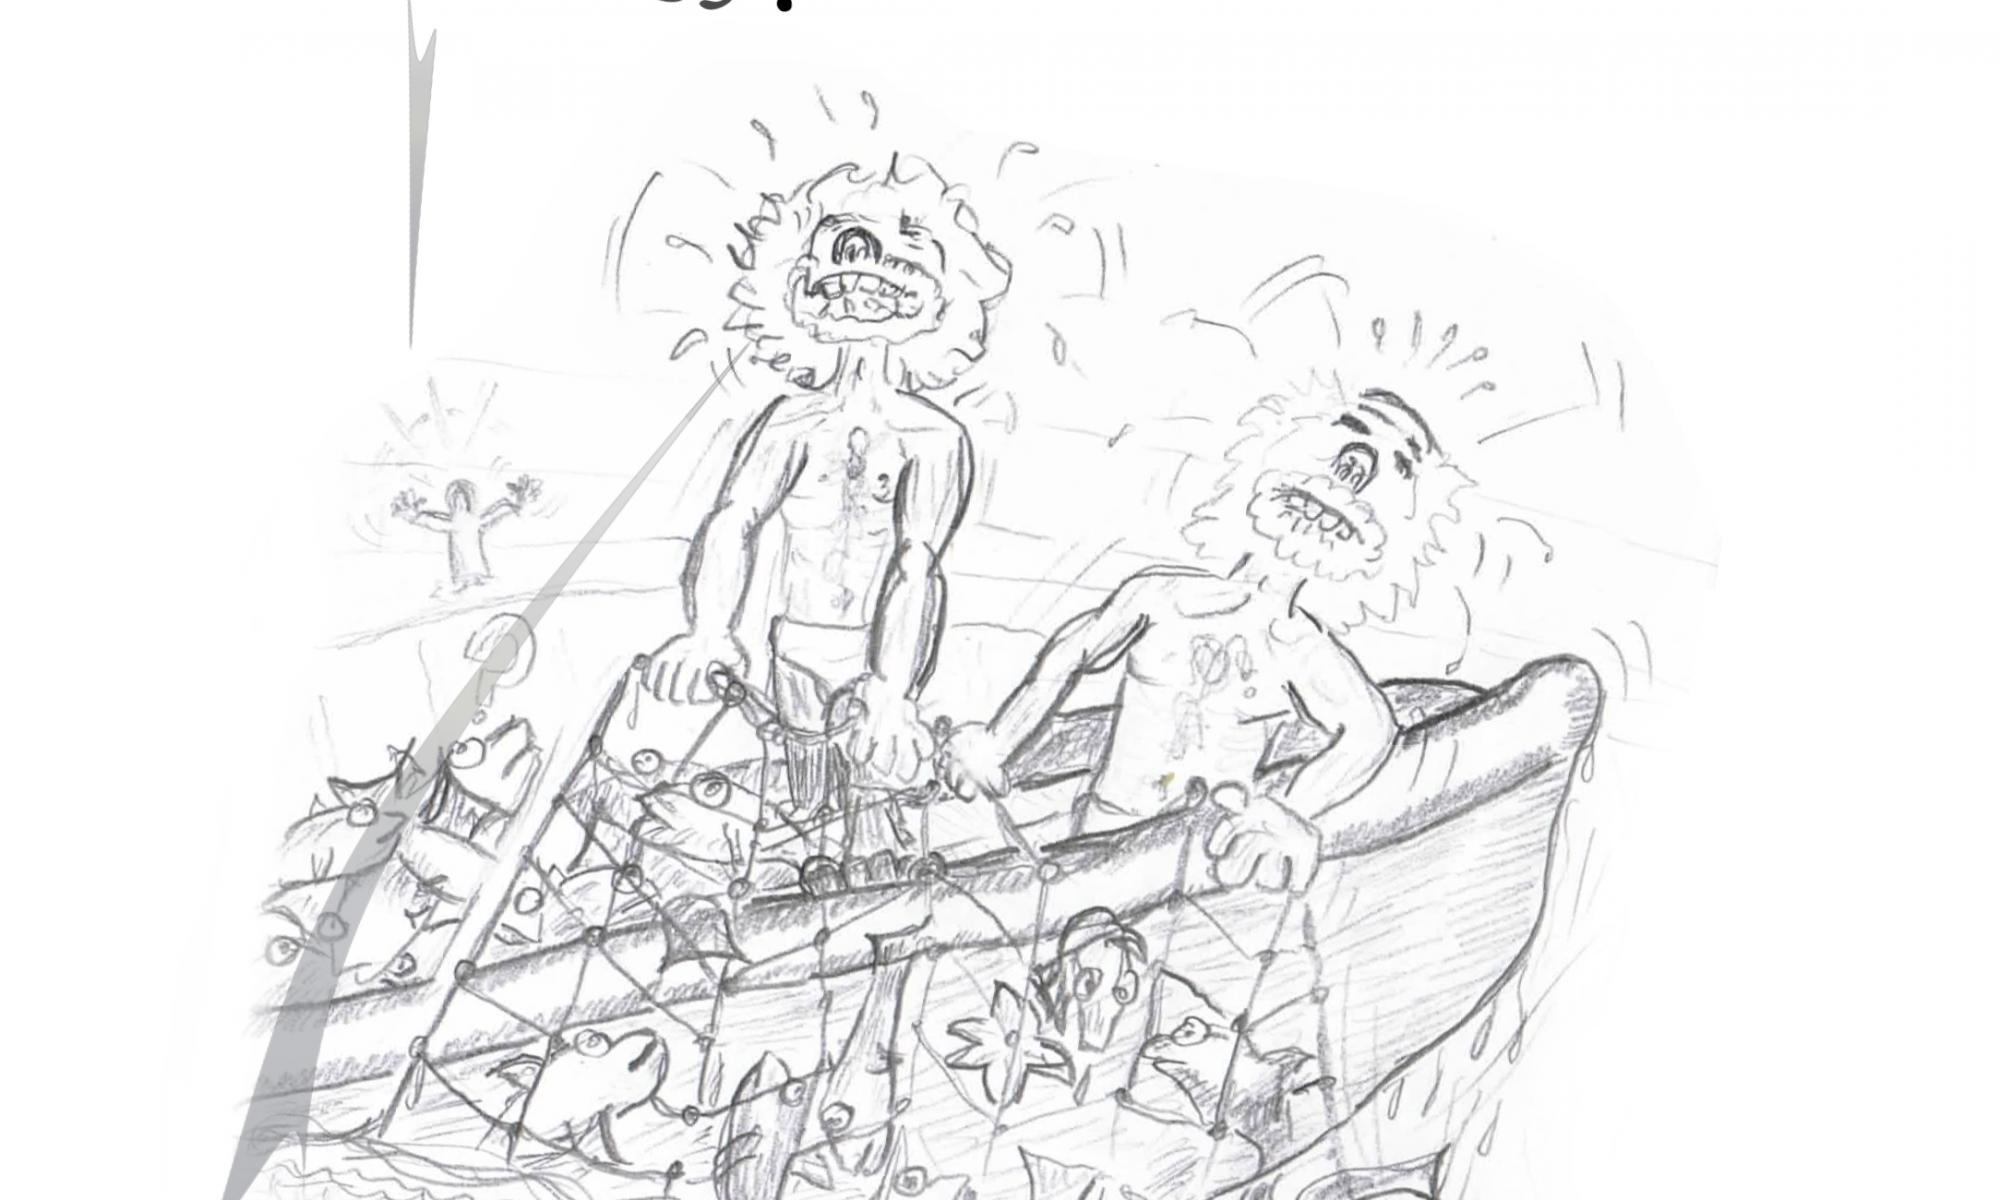 Petrus trifft Jesus - Cartoons rund um den Fels in der Brandung